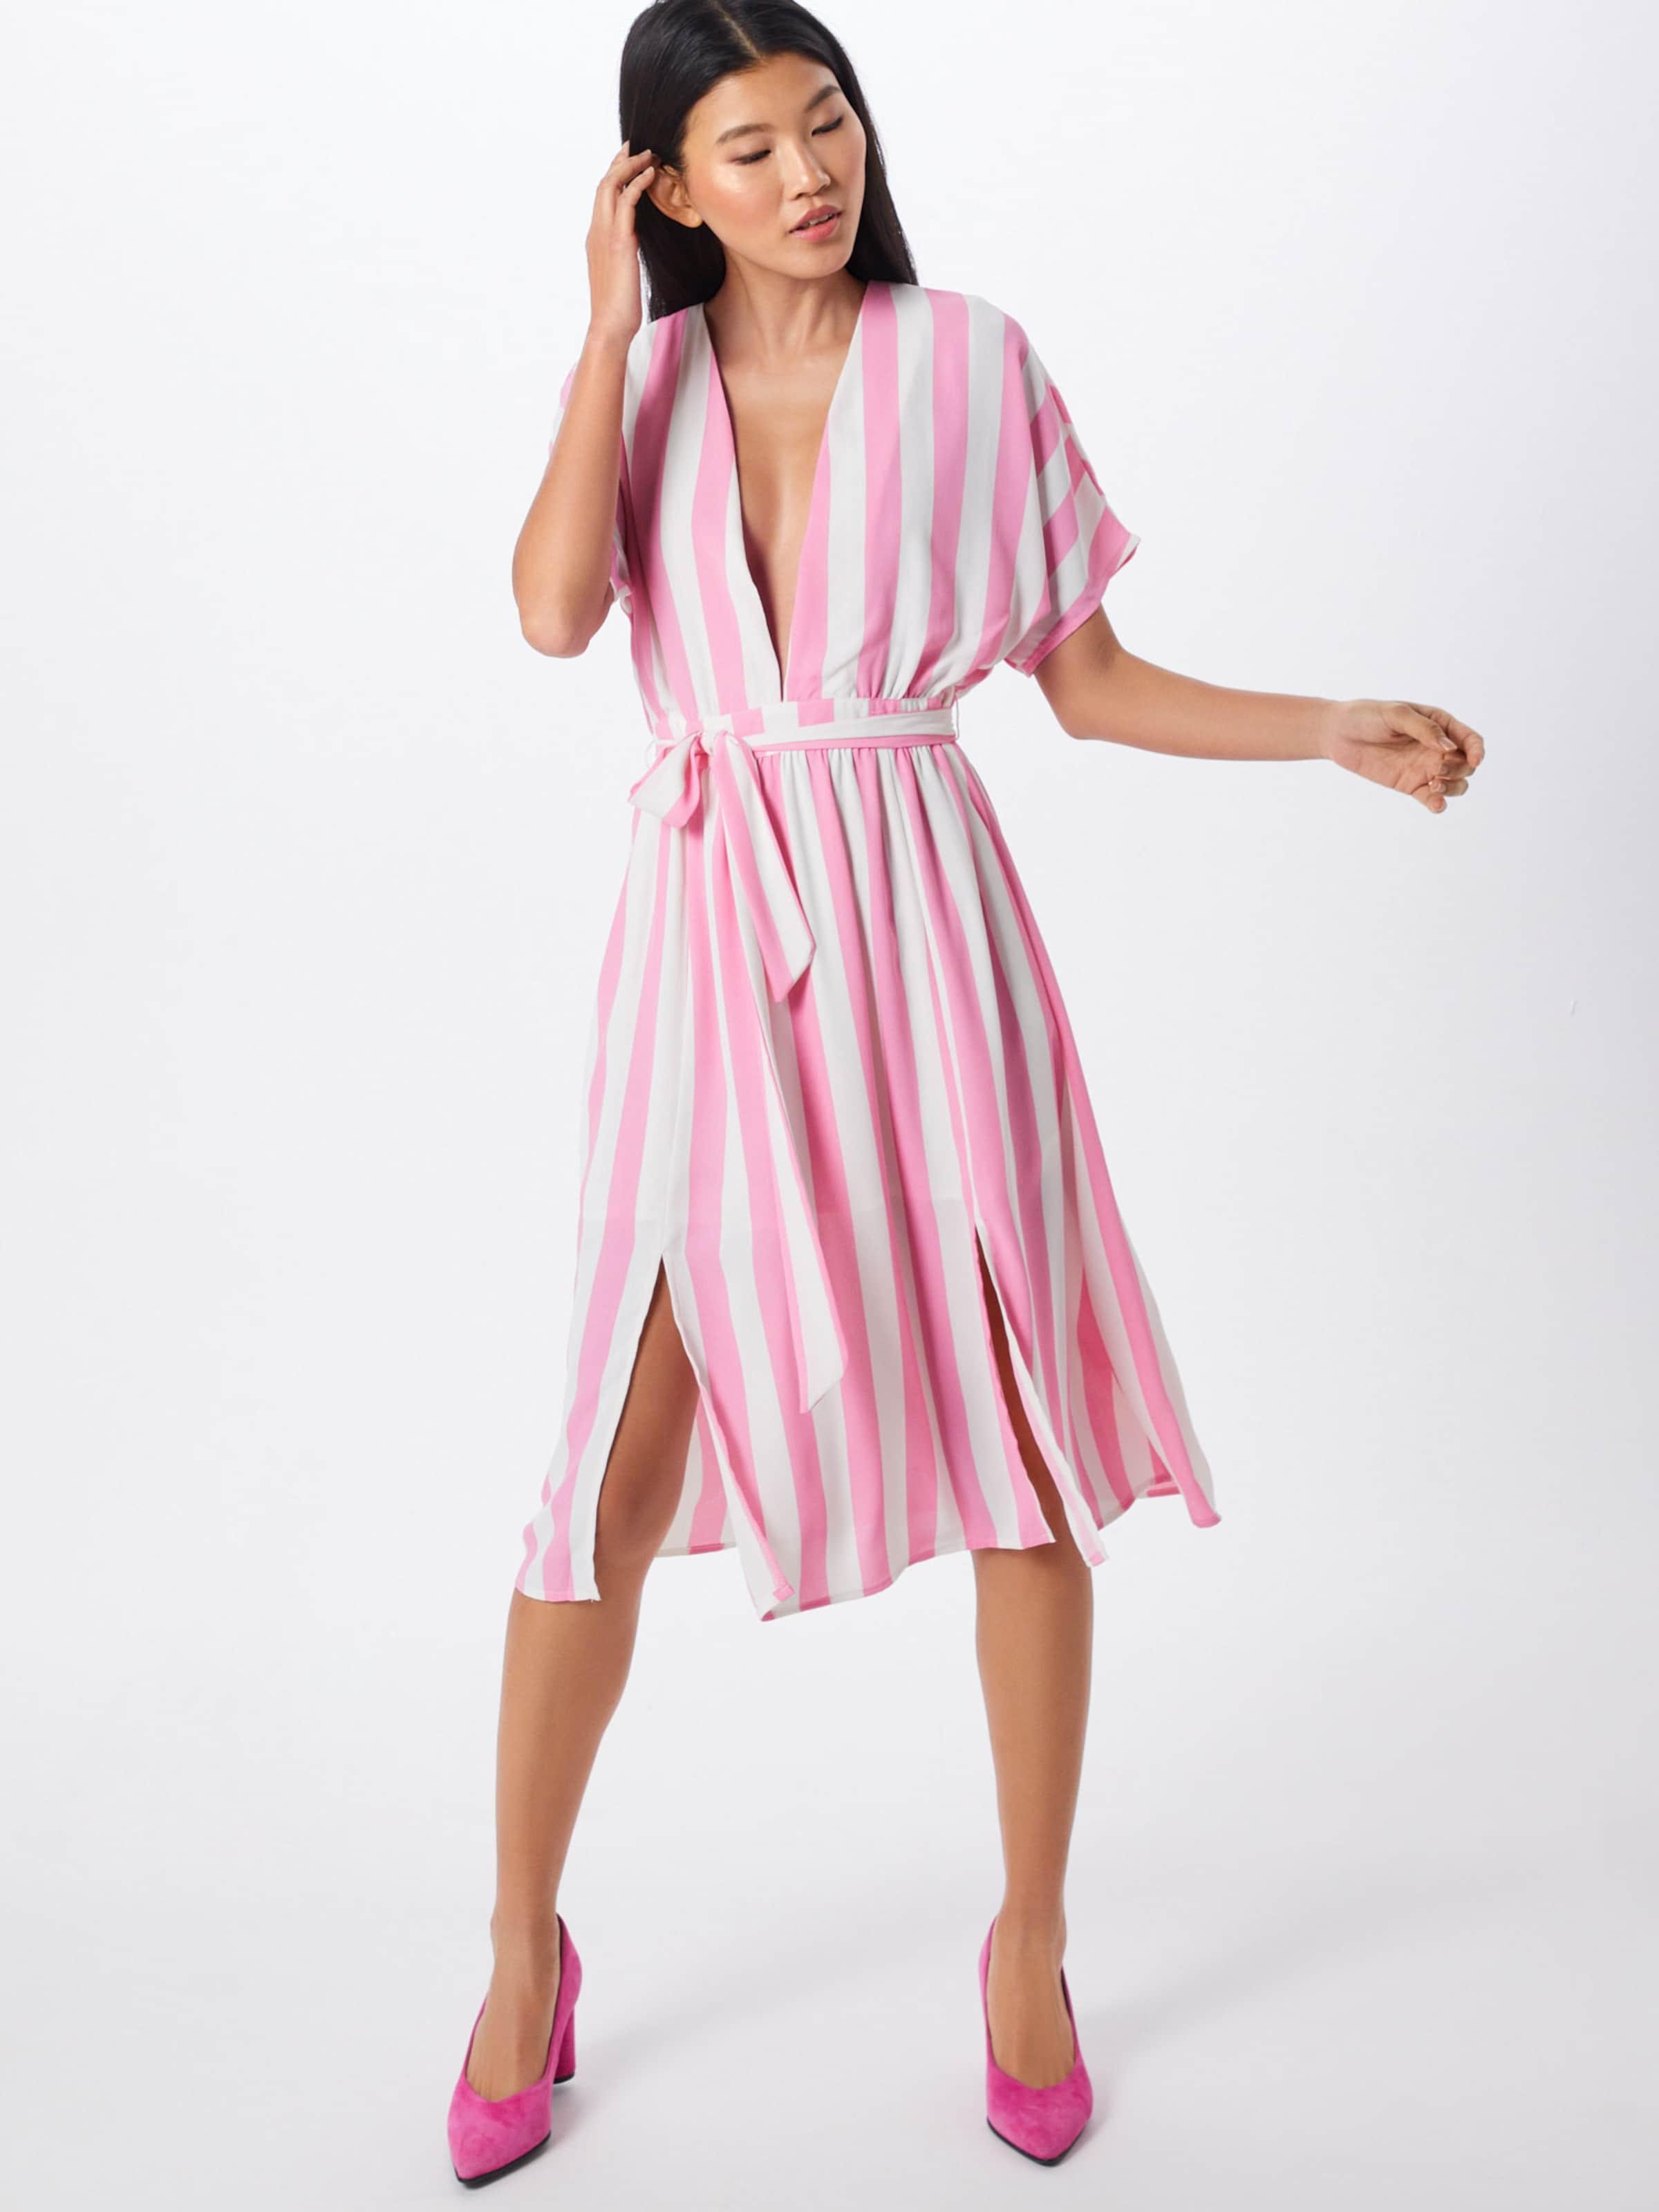 'ck5396' In 'ck5396' RosaWeiß In Glamorous Kleid Glamorous Kleid Kleid 'ck5396' RosaWeiß Glamorous lF31cTKJu